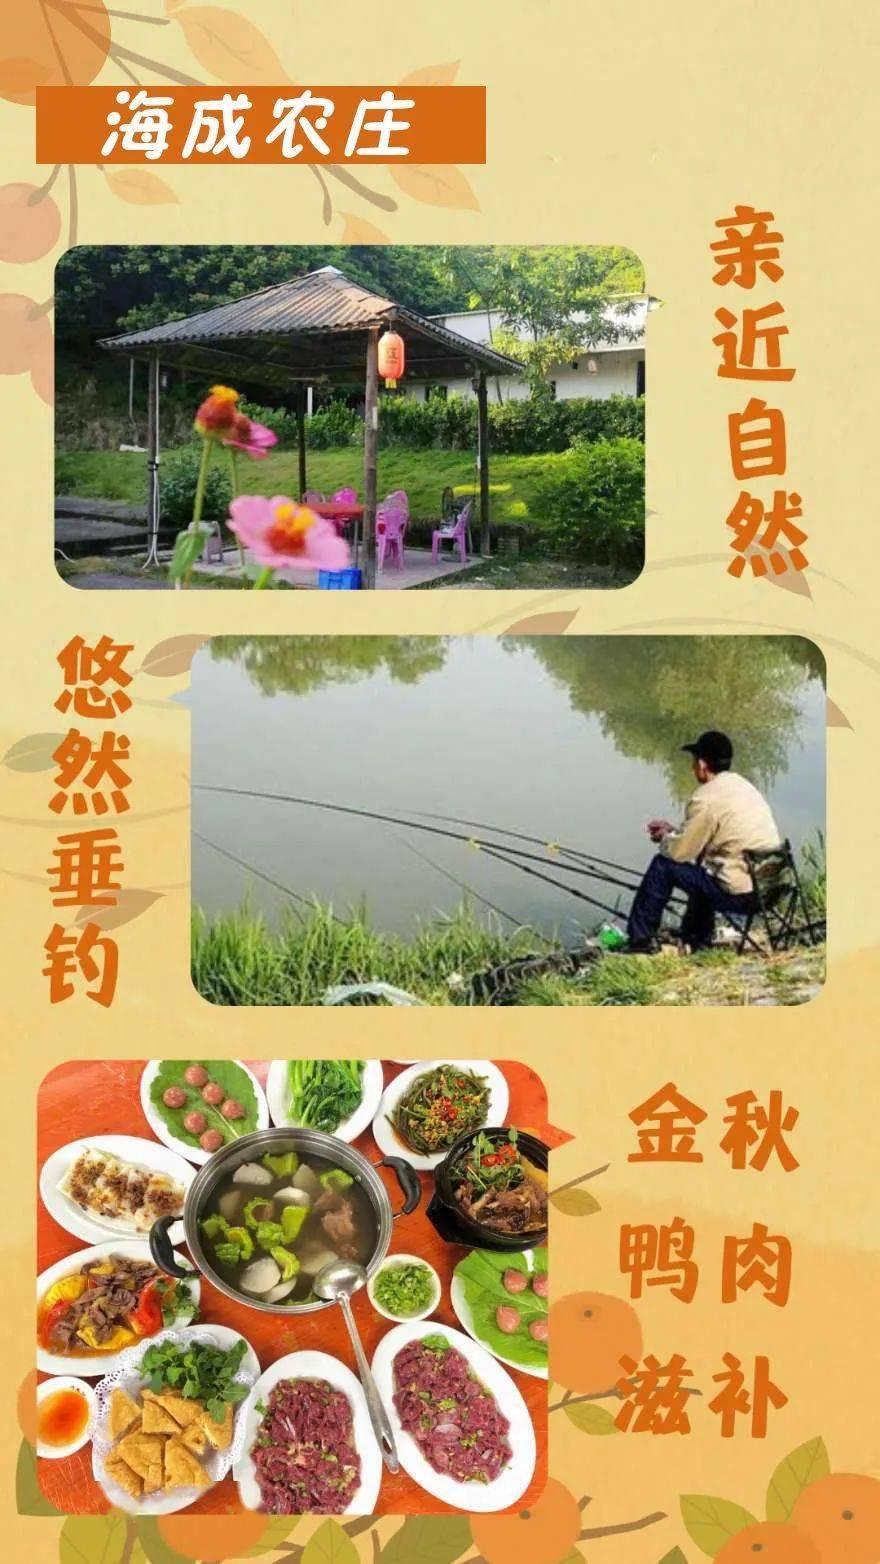 超值套餐!一只鸭子多吃点解锁农家乐的原味,自然风光是悠闲垂钓,正好进去......